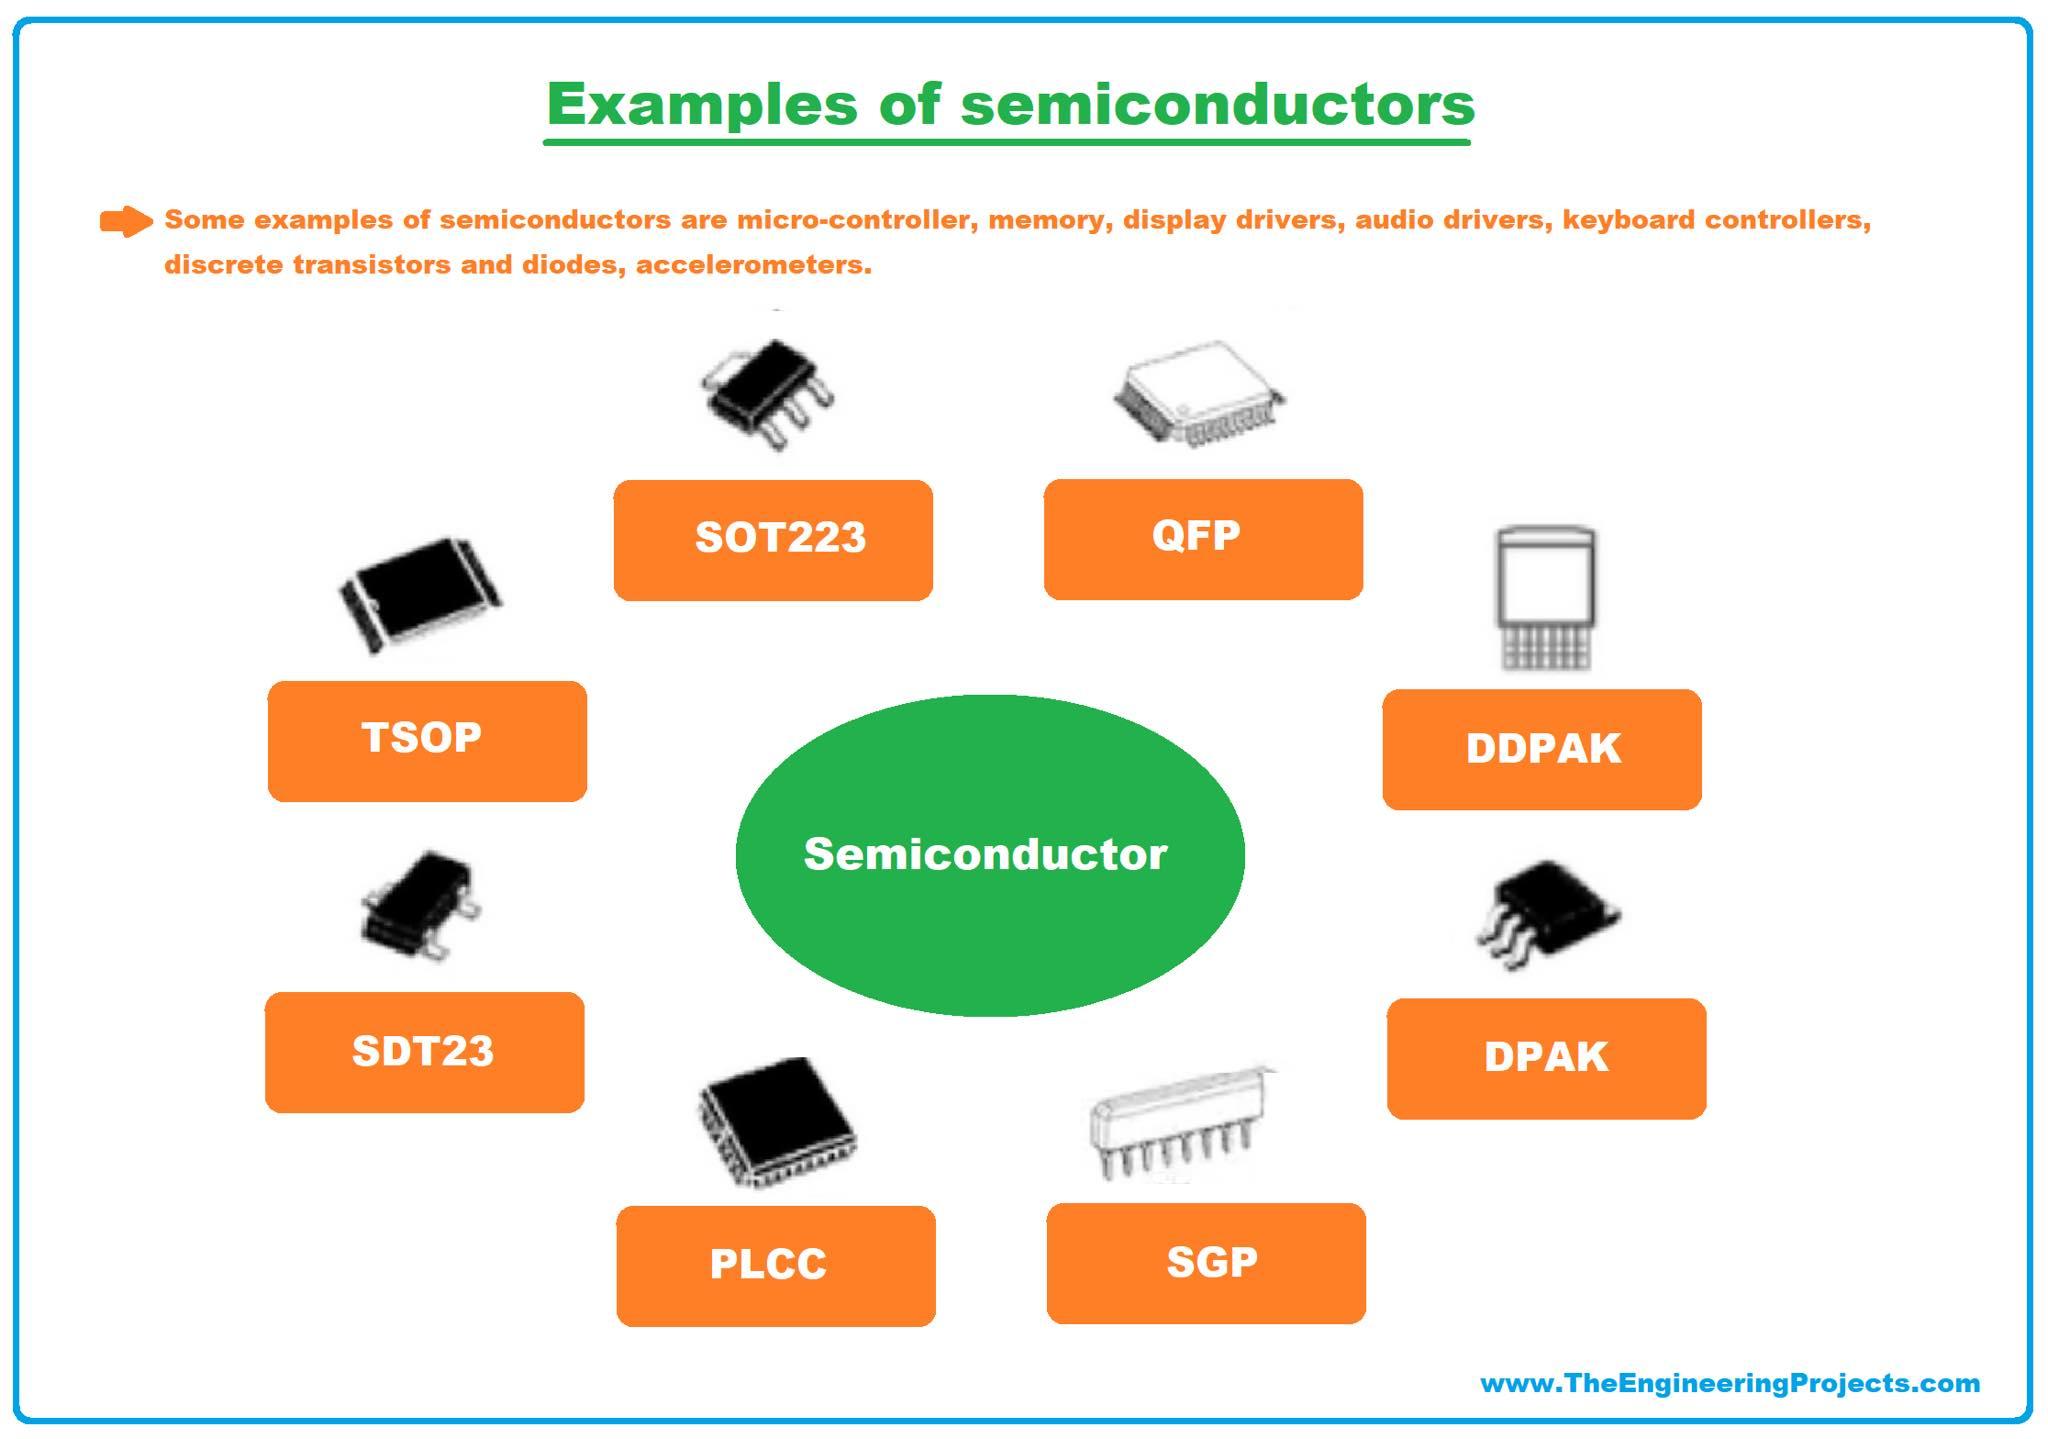 semiconductors, semiconductor, what is semiconductors, types of semiconductors, semiconductor examples, semiconductor material, examples of semiconductor material